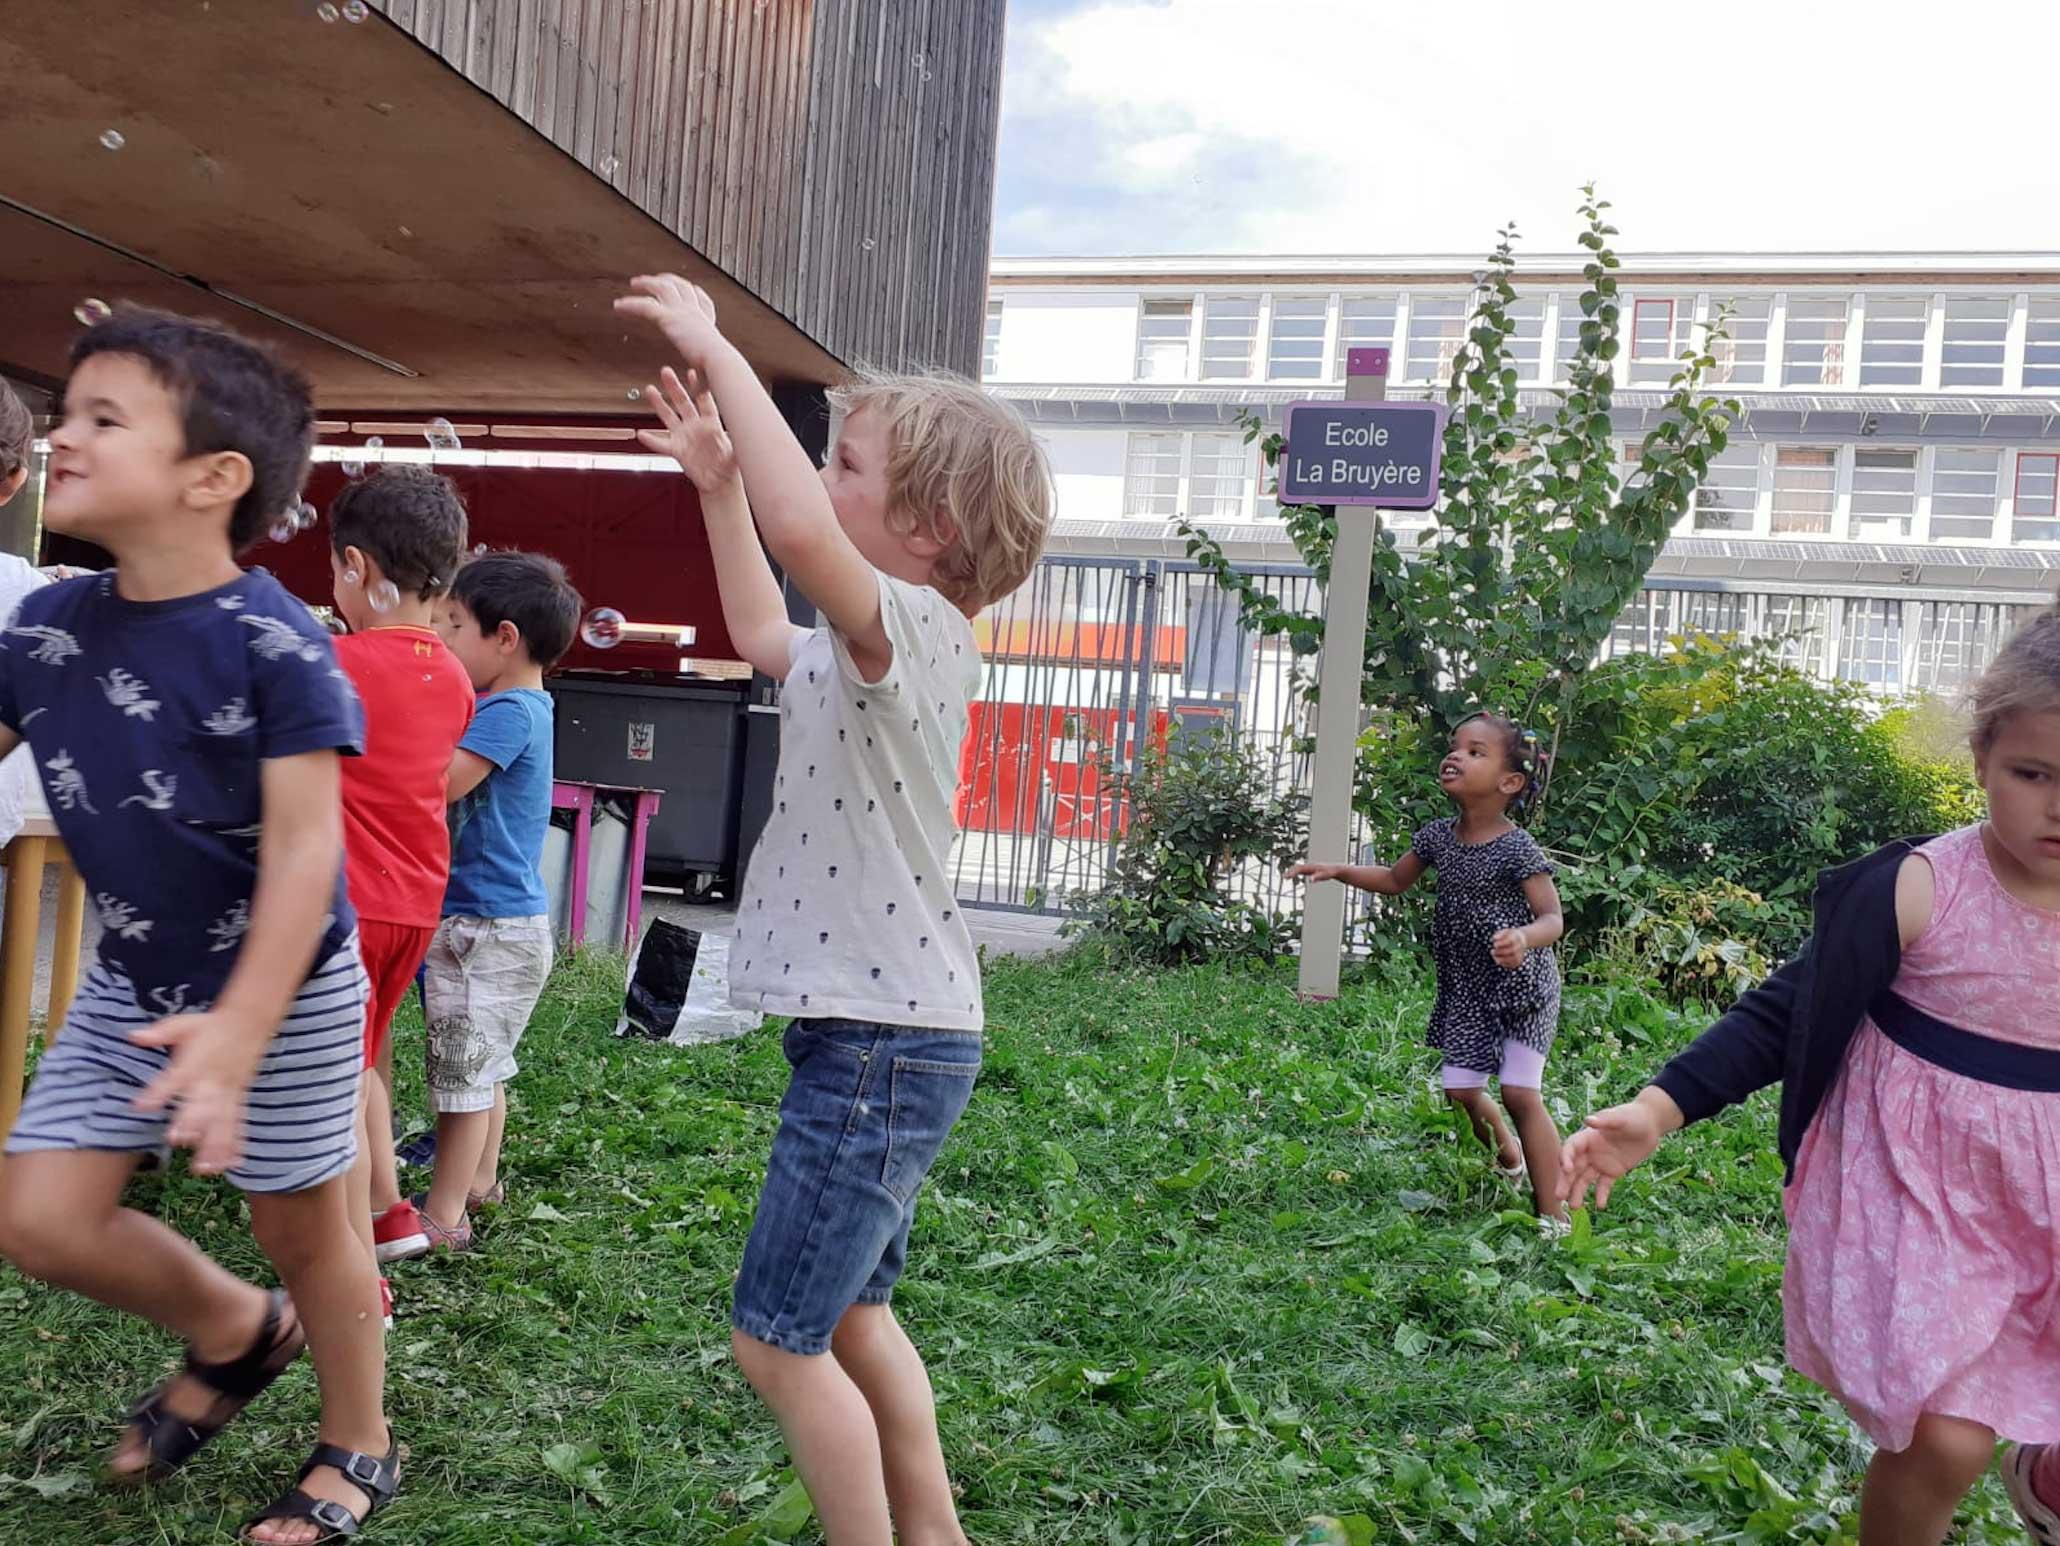 enfants_jouant_a_la_maternelle